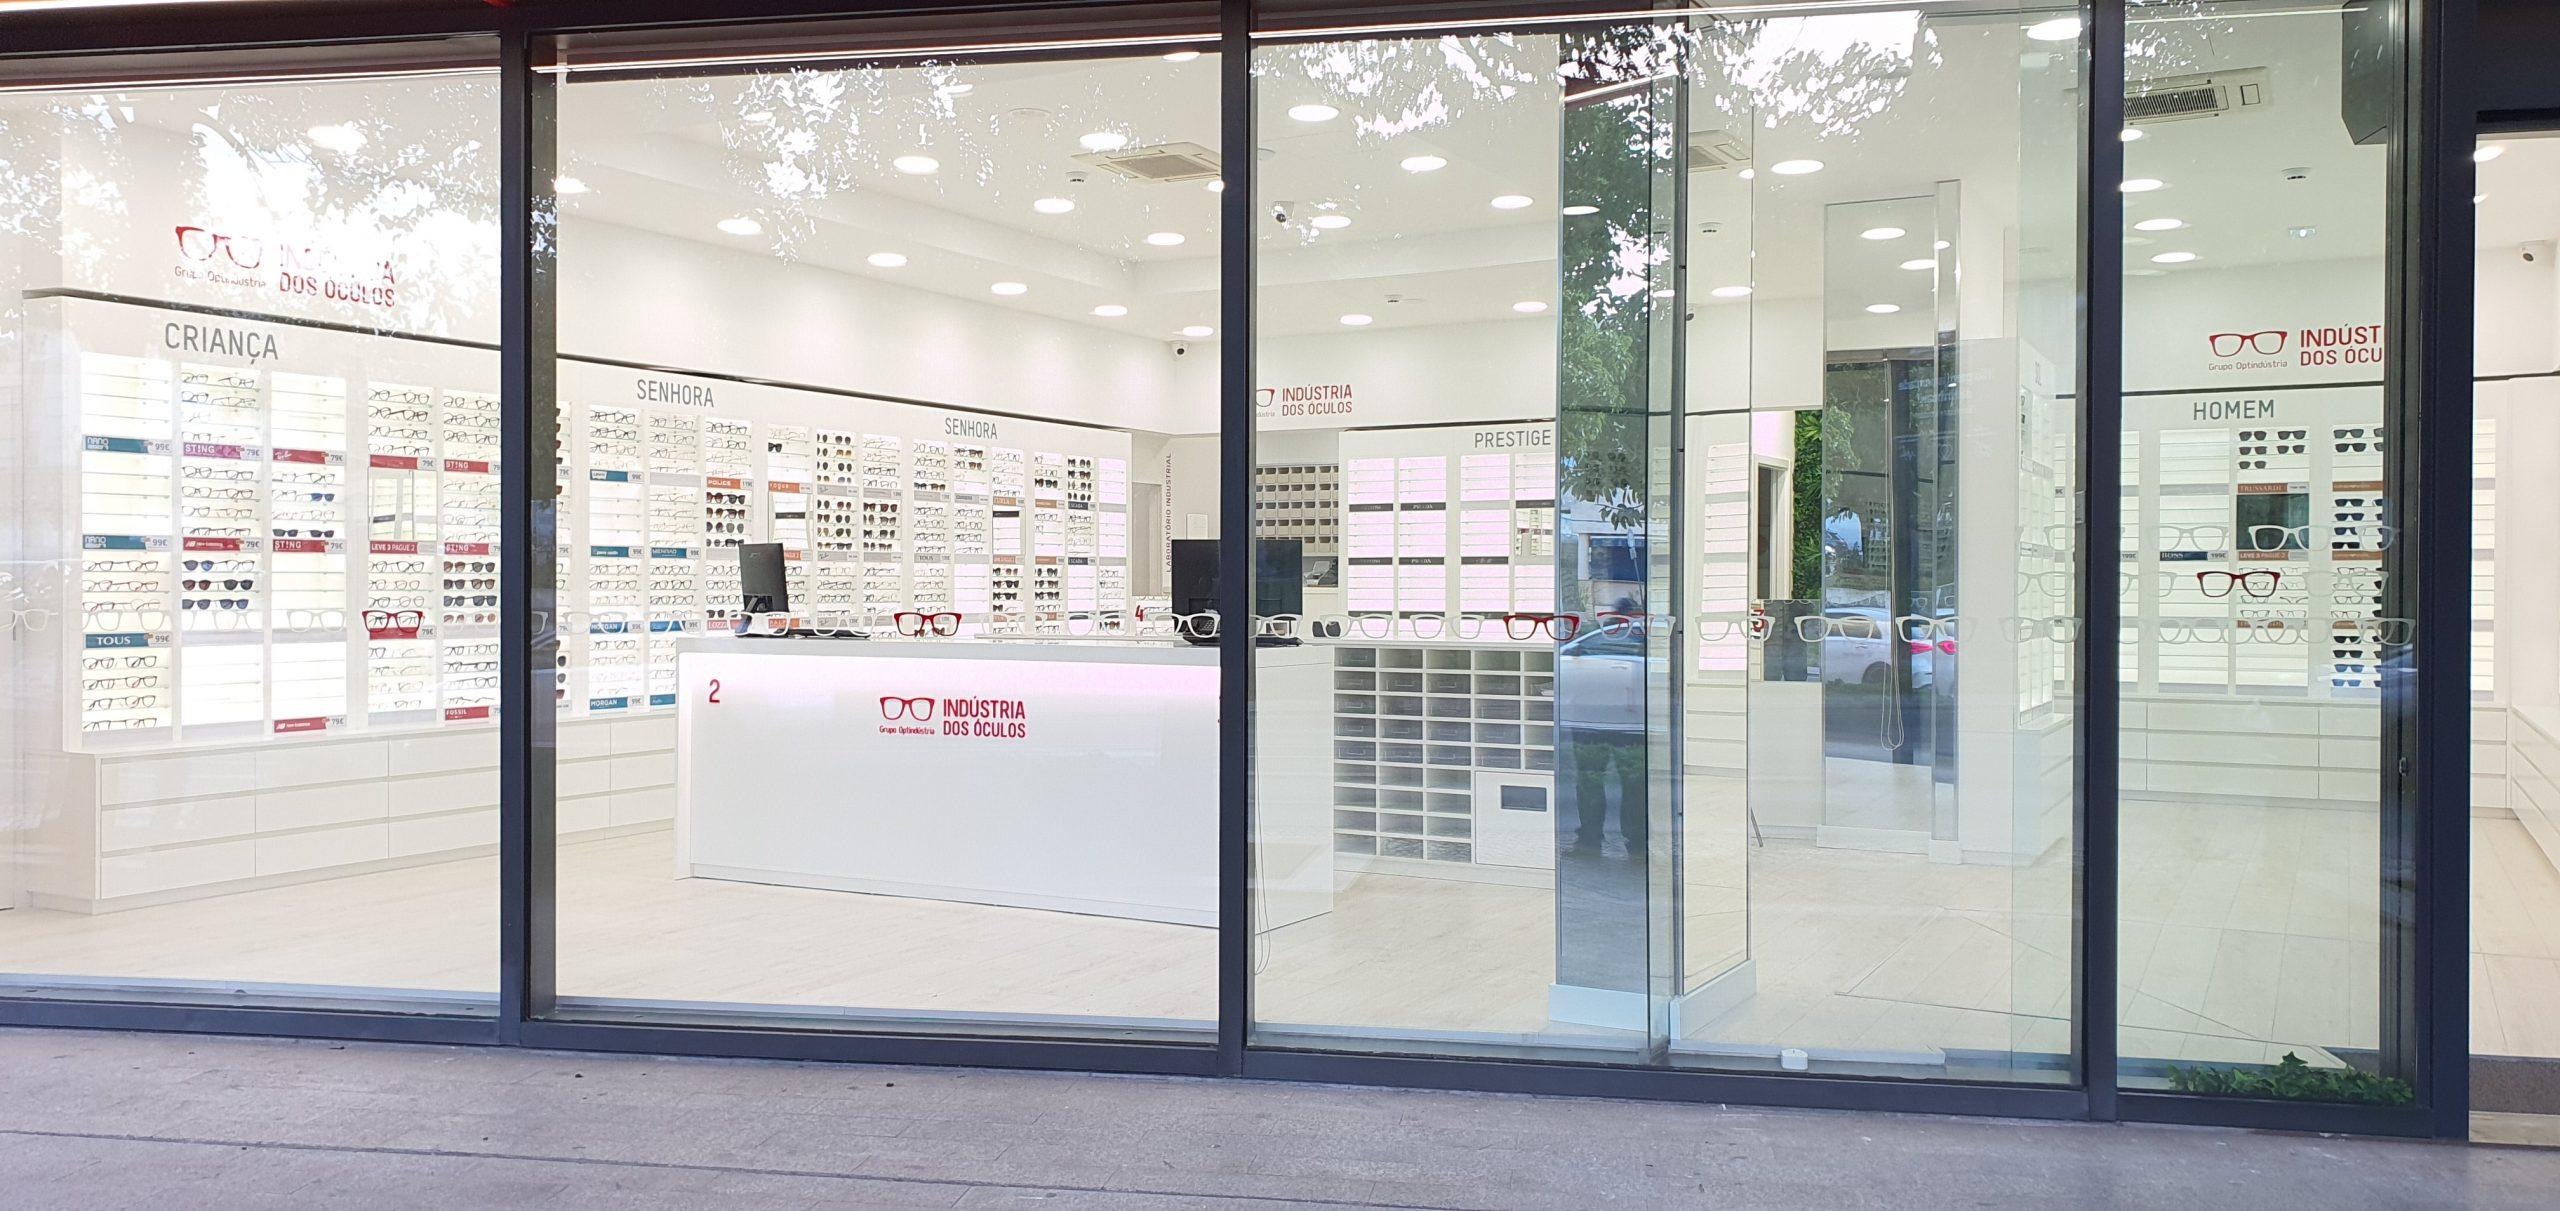 Imagem da notícia: Indústria dos Óculos com nova loja em Alverca do Ribatejo